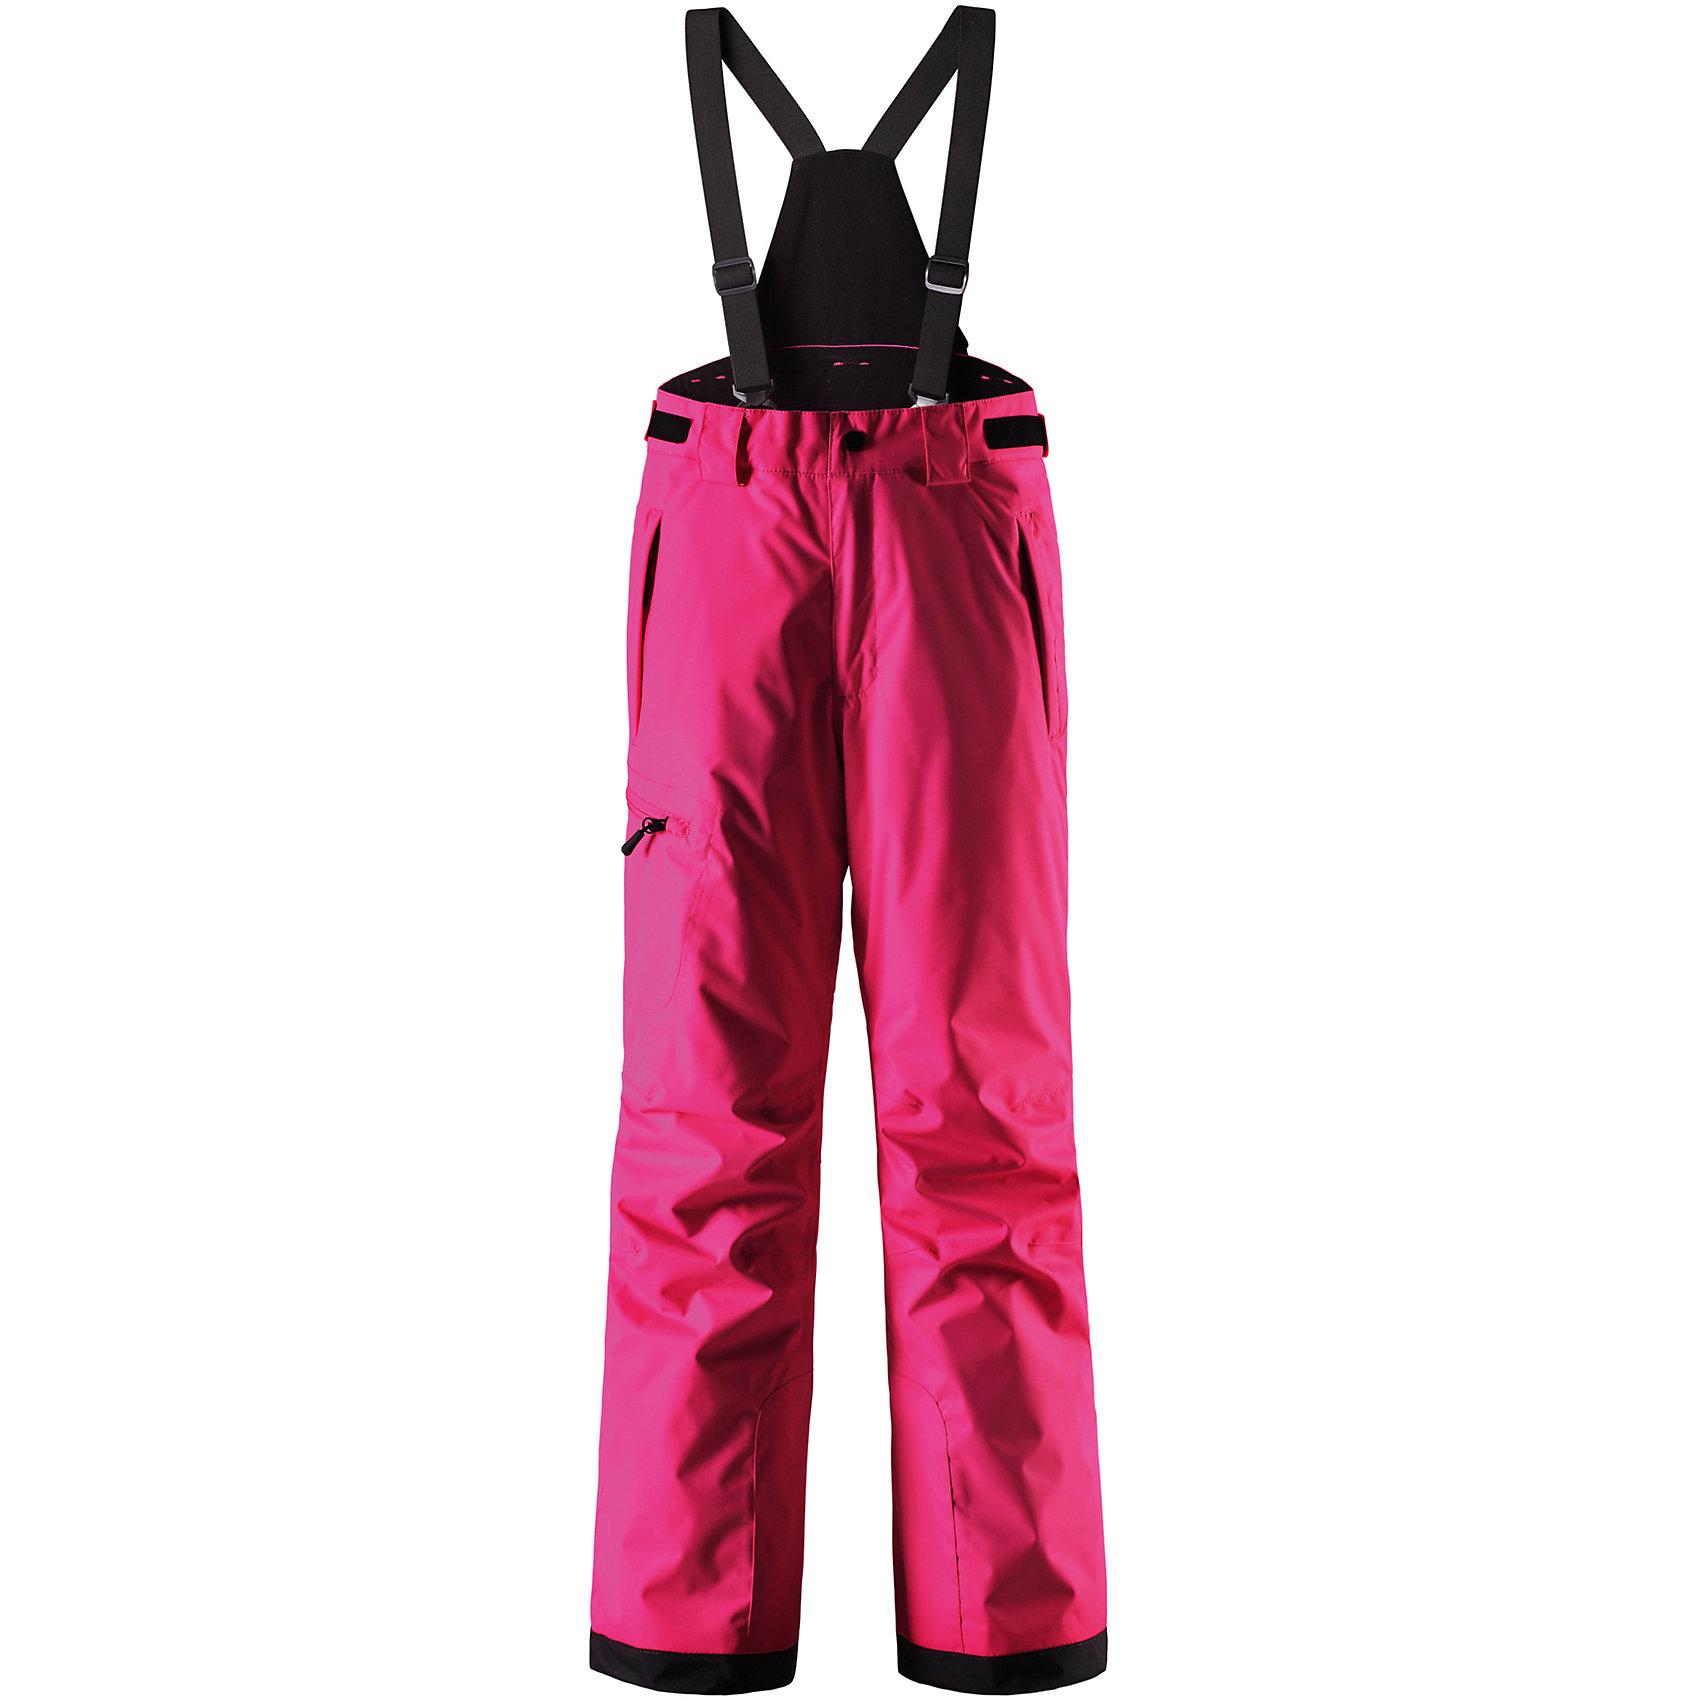 Брюки ReimaБрюки Reima (Рейма), розовый от известного финского производителя  детской одежды Reima. Зимние брюки для девочки выполнены из полиамида, который обладает высокой износоустойчивостью, воздухопроницаемыми, водооталкивающими и грязеотталкивающими свойствами. Изделие устойчиво к изменению формы и цвета даже при длительном использовании. Силуэт изделия имеет классическую форму: прямые брюки с высокой посадкой, съемными подтяжками и широким поясом. Пояс по ширине регулируется застежками на липучках, по бокам брюк имеются втачные карманы с застежками-молниями. У брюк все швы проклеенные, снизу брючин предусмотрена блокировка на кнопках от попадания снега. Зимние брюки от Reima  можно носить при температуре до - 20 градусов.    <br><br>Дополнительная информация:<br><br>- Предназначение: повседневная одежда для прогулок и активного отдыха<br>- Цвет: розовый<br>- Пол: для девочки<br>- Состав: 100% полиамид, полиуретановое покрытие<br>- Сезон: зима<br>- Особенности ухода: стирать изделие, предварительно вывернув его на левую сторону, не использовать отбеливающие вещества<br><br>Подробнее:<br><br>• Для детей в возрасте: от 11 лет и до 12 лет<br>• Страна производитель: Китай<br>• Торговый бренд: Reima, Финляндия<br><br>Брюки Reima (Рейма), розовый можно купить в нашем интернет-магазине.<br><br>Ширина мм: 215<br>Глубина мм: 88<br>Высота мм: 191<br>Вес г: 336<br>Цвет: розовый<br>Возраст от месяцев: 132<br>Возраст до месяцев: 144<br>Пол: Унисекс<br>Возраст: Детский<br>Размер: 152<br>SKU: 4869745